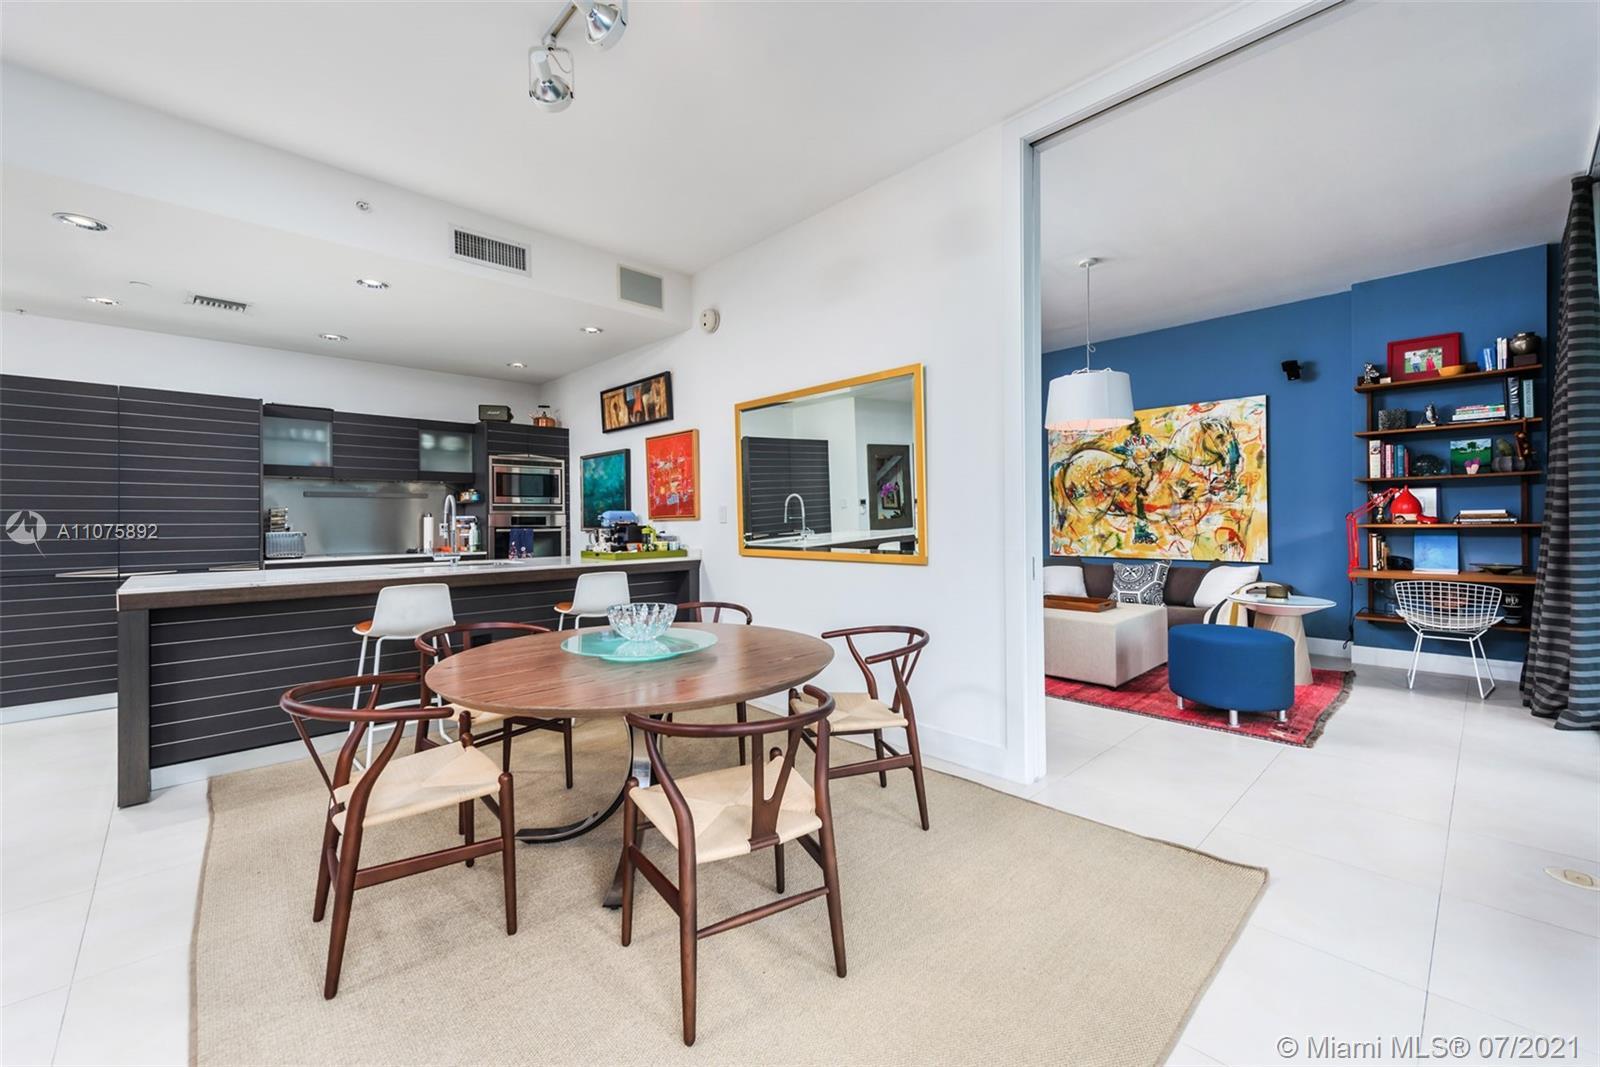 Photo of Epic Miami Residences Apt 1405